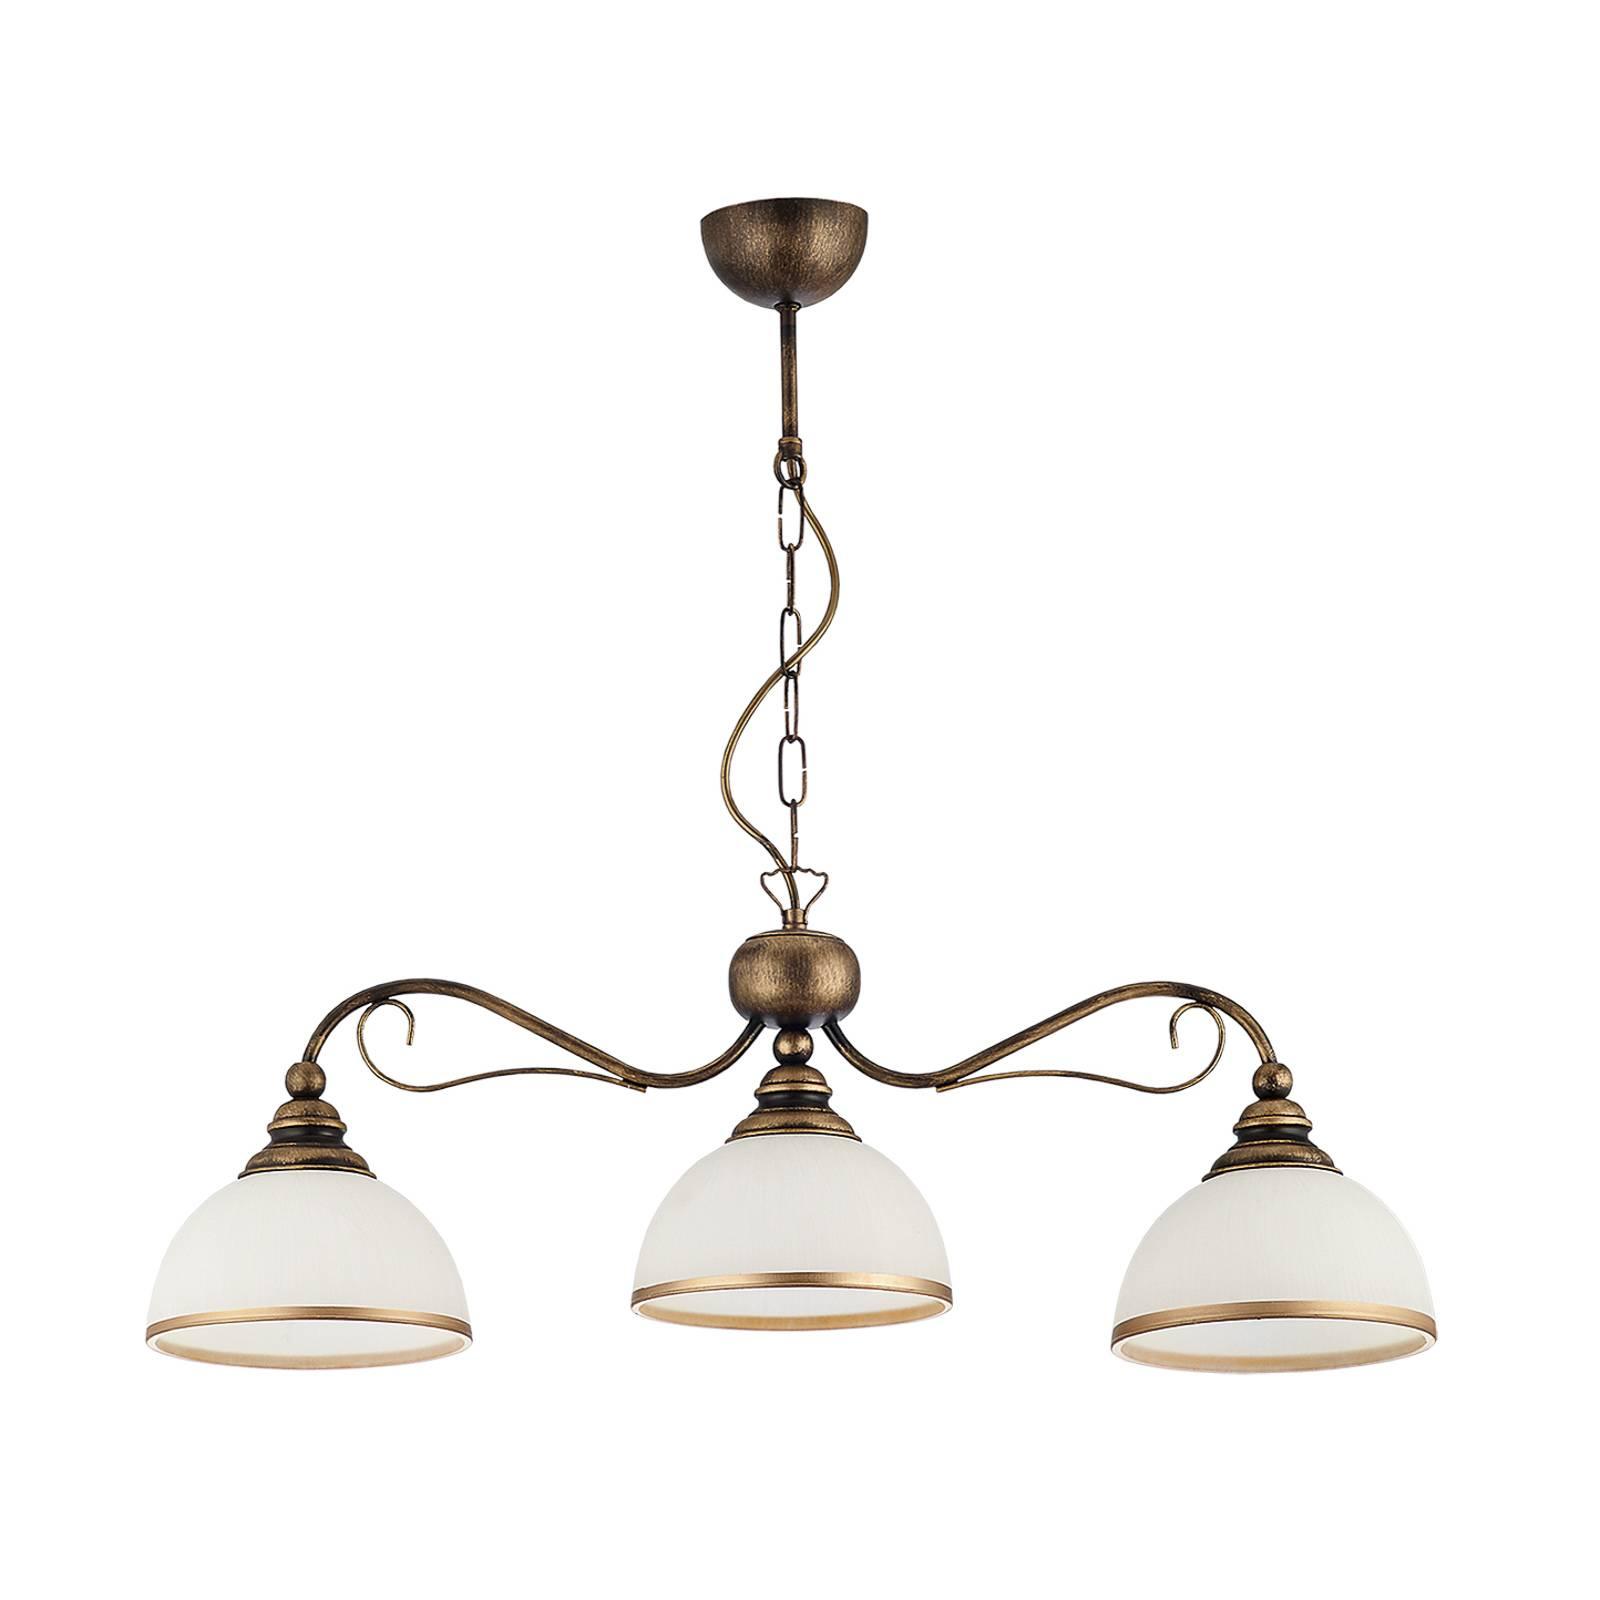 Tankoriippuvalaisin Casale 3-lamppuinen, P 74 cm